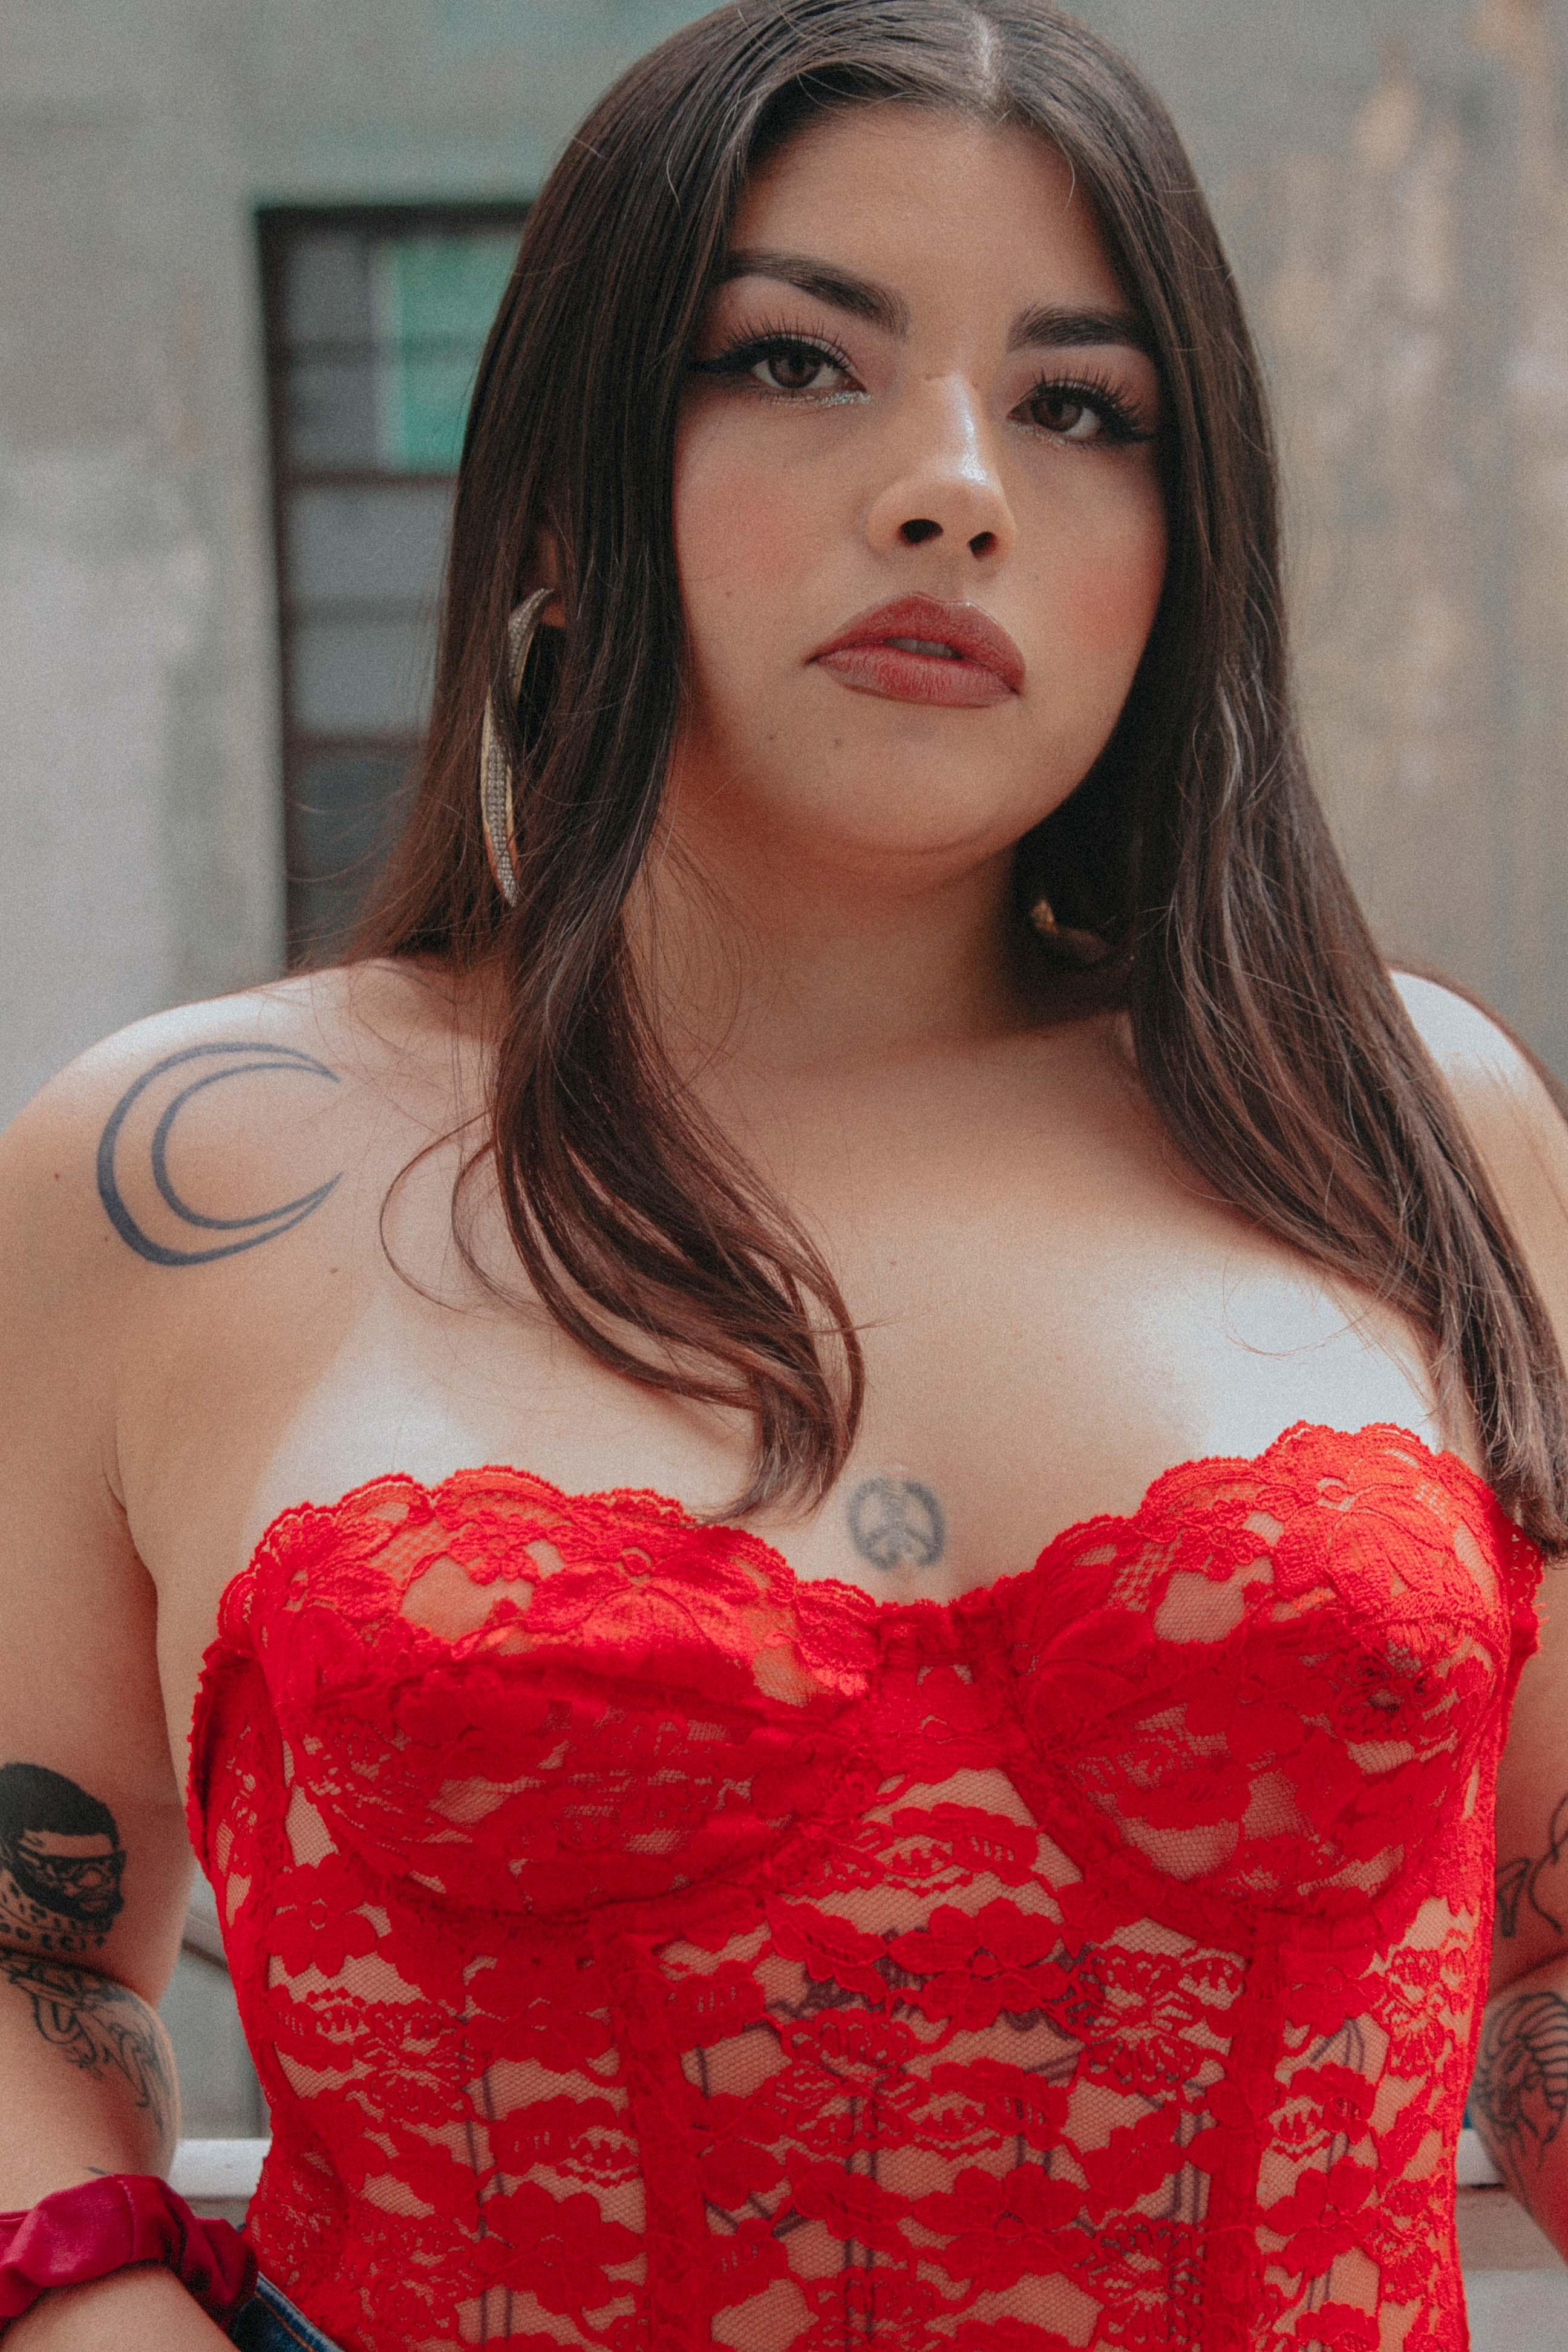 ecf56a3223f Retratos de mujeres hermosas que no siguen estereotipos de belleza ...